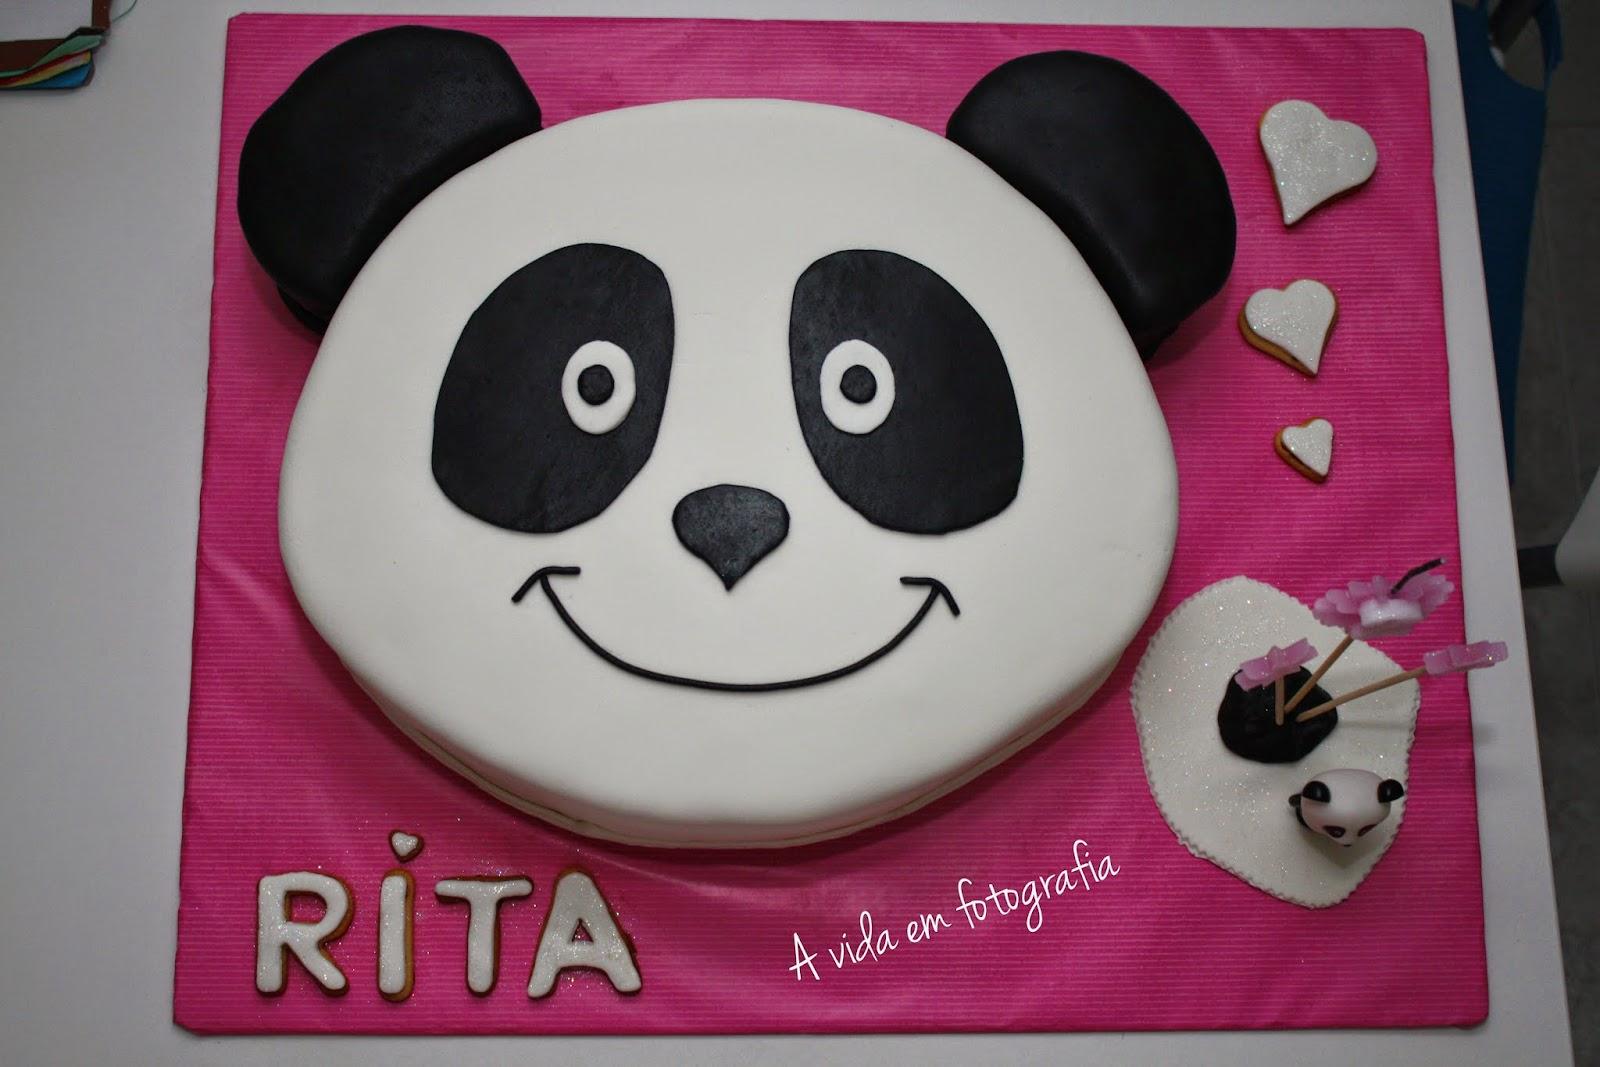 Cake Design Passo A Passo : A vida em fotografia: Cake design - Bolo do Panda